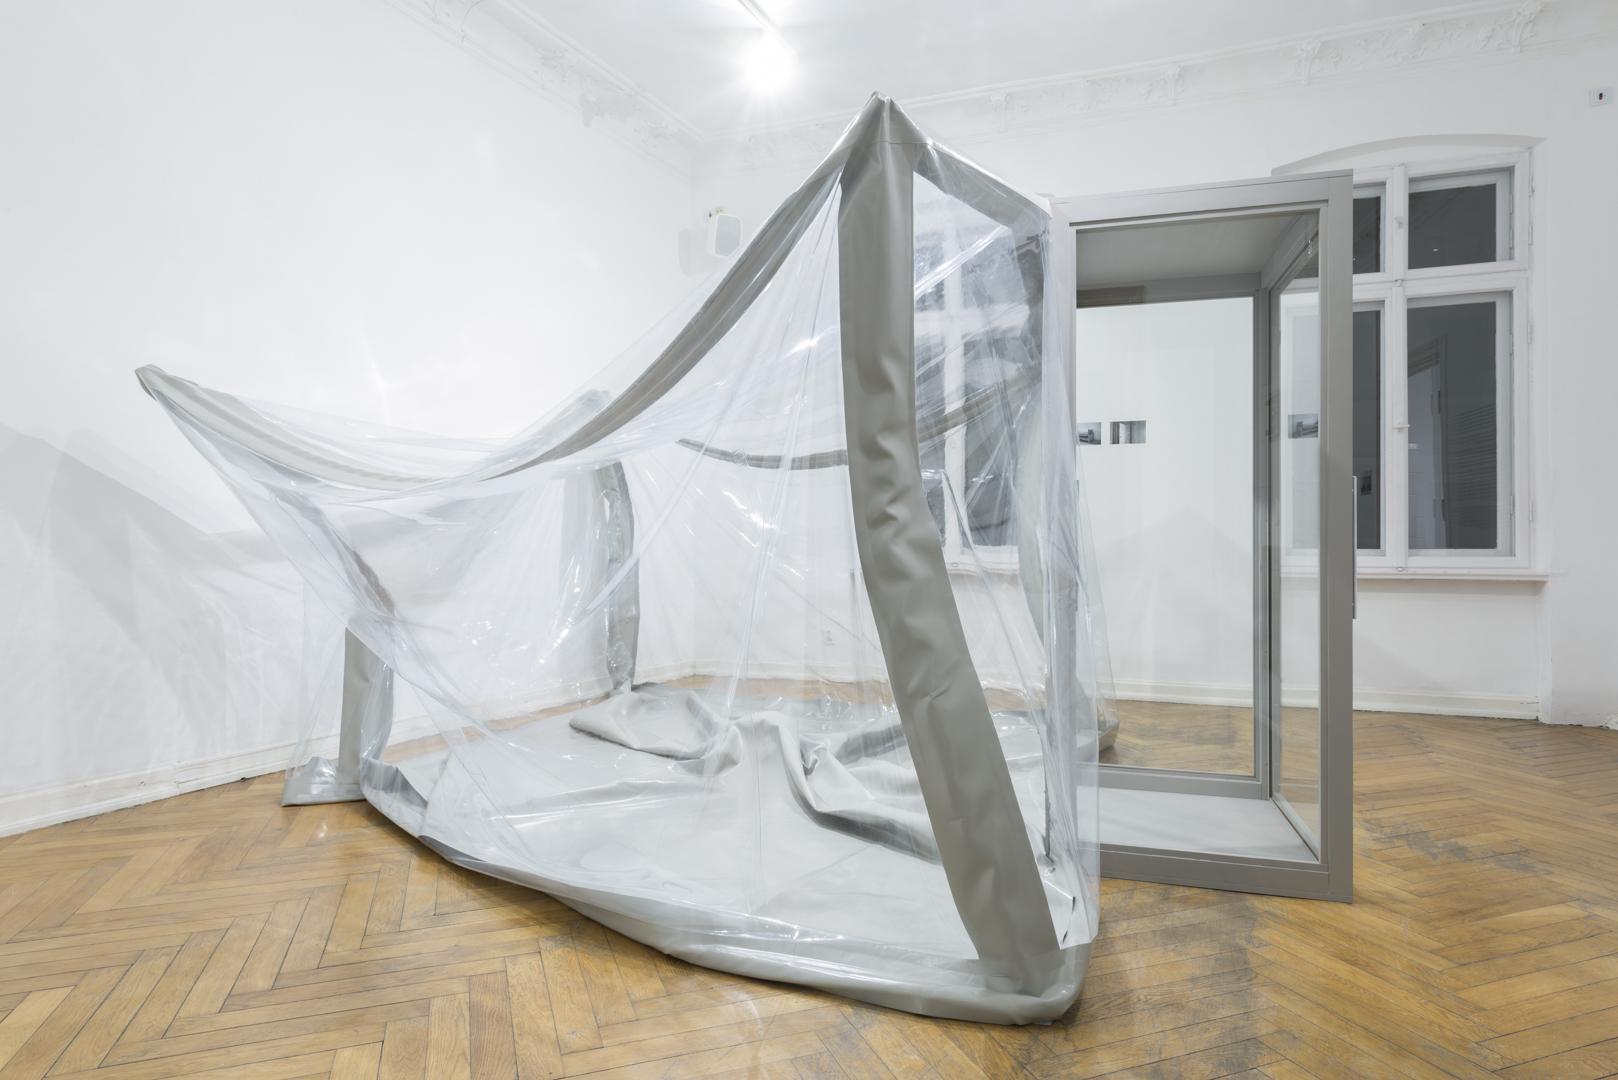 Katarzyna Malejka, Izolatorium, instalacja, szkło, folia PCV, drewno, 300 x 300 x 200 cm, 2016